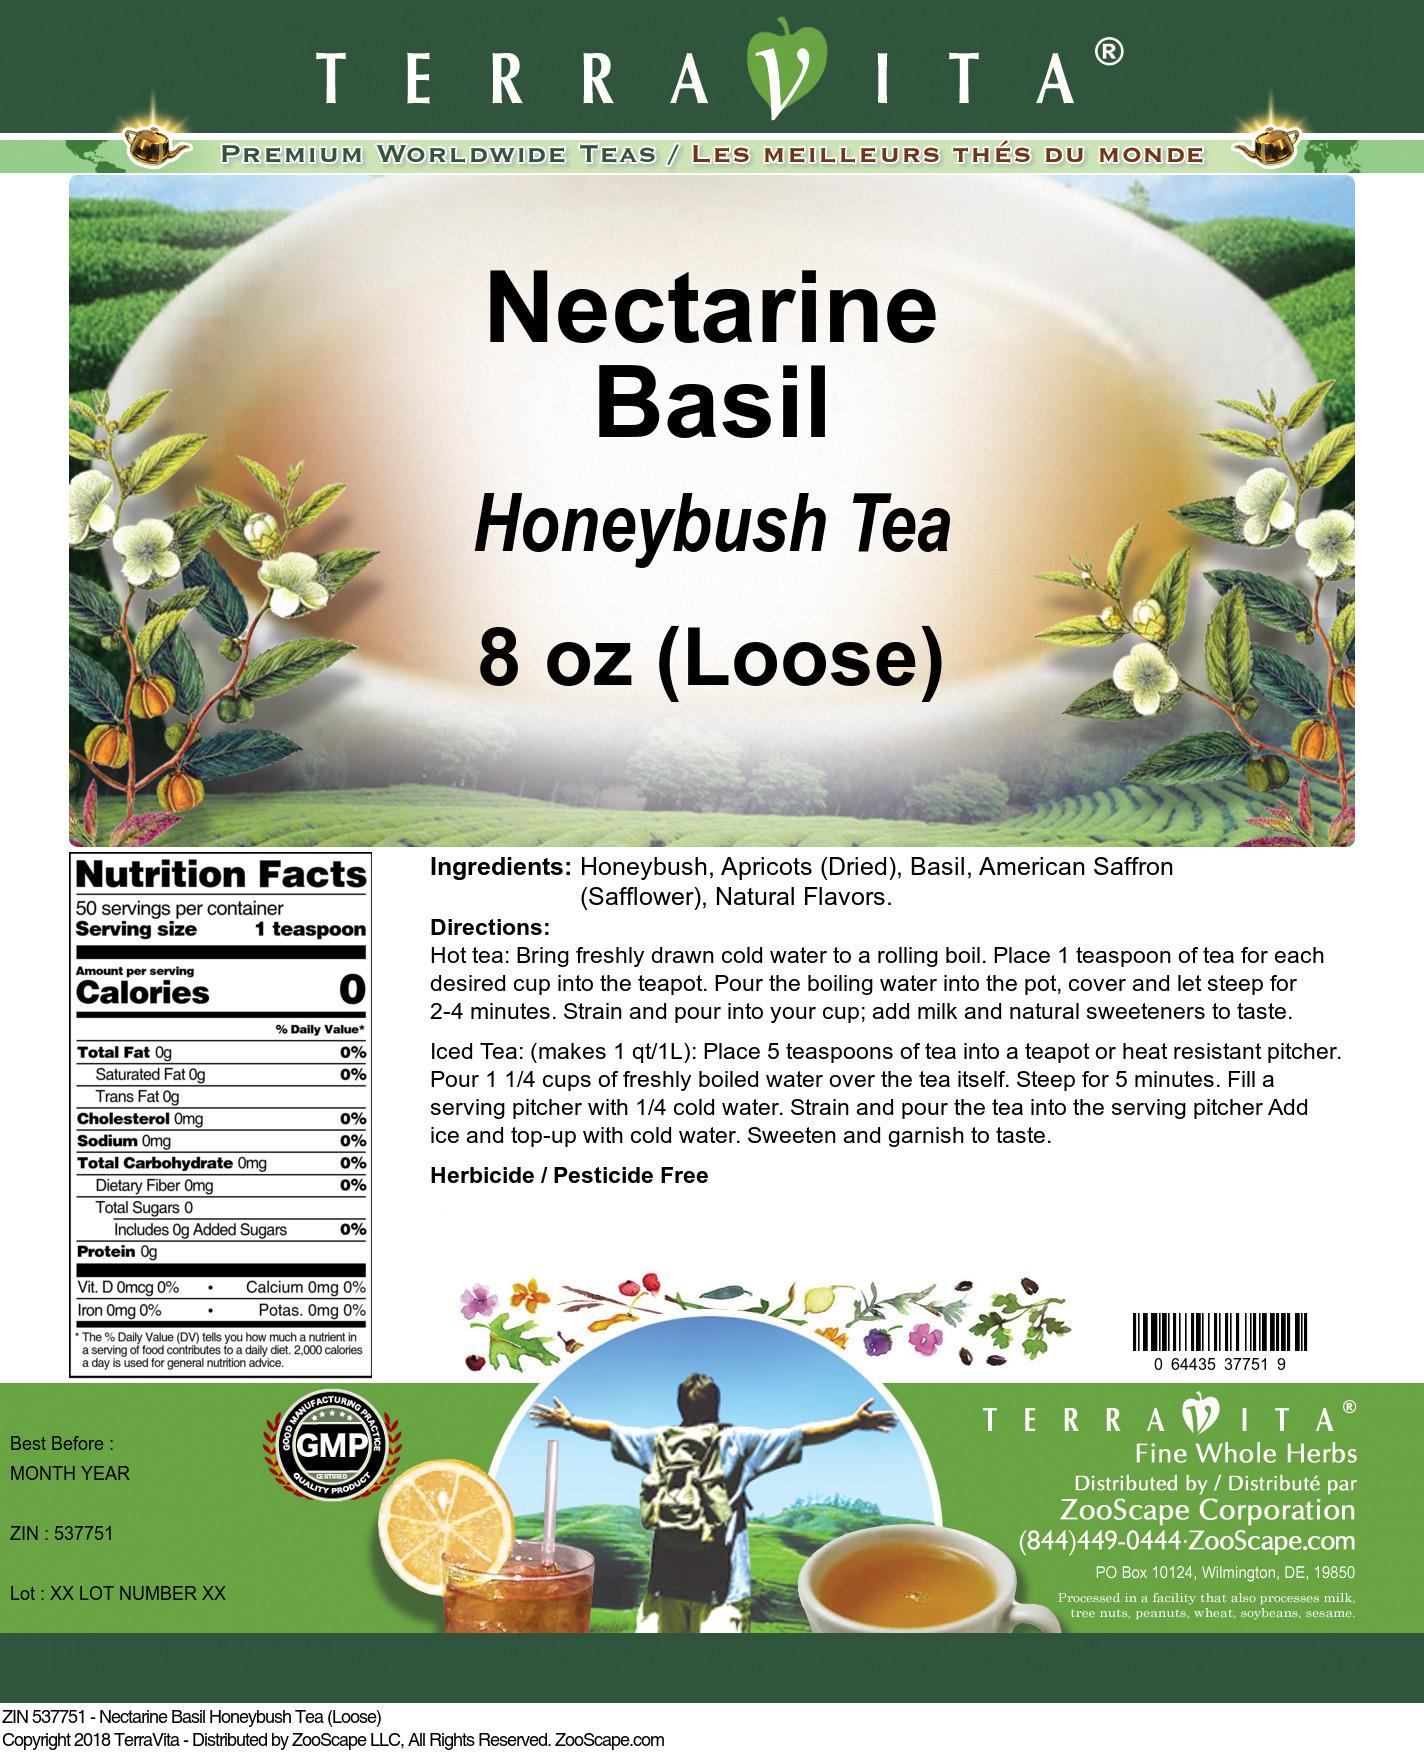 Nectarine Basil Honeybush Tea